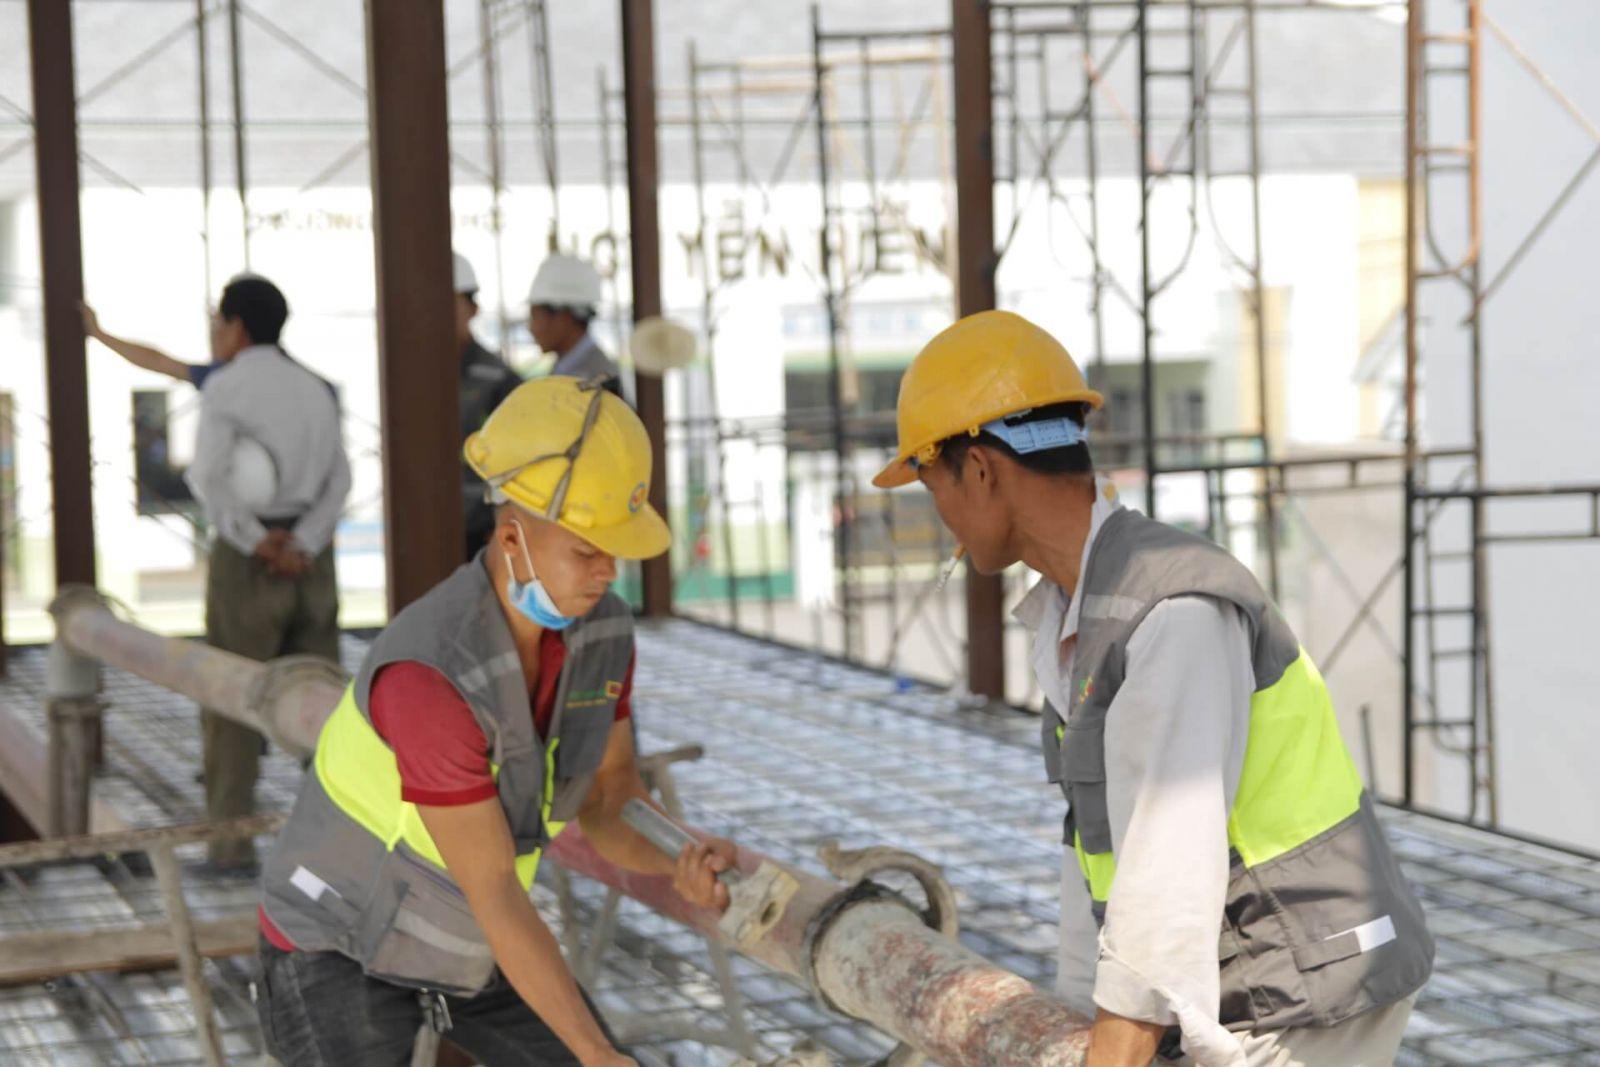 qua-trinh-thi-cong-van-phong-pcm-workshop-16